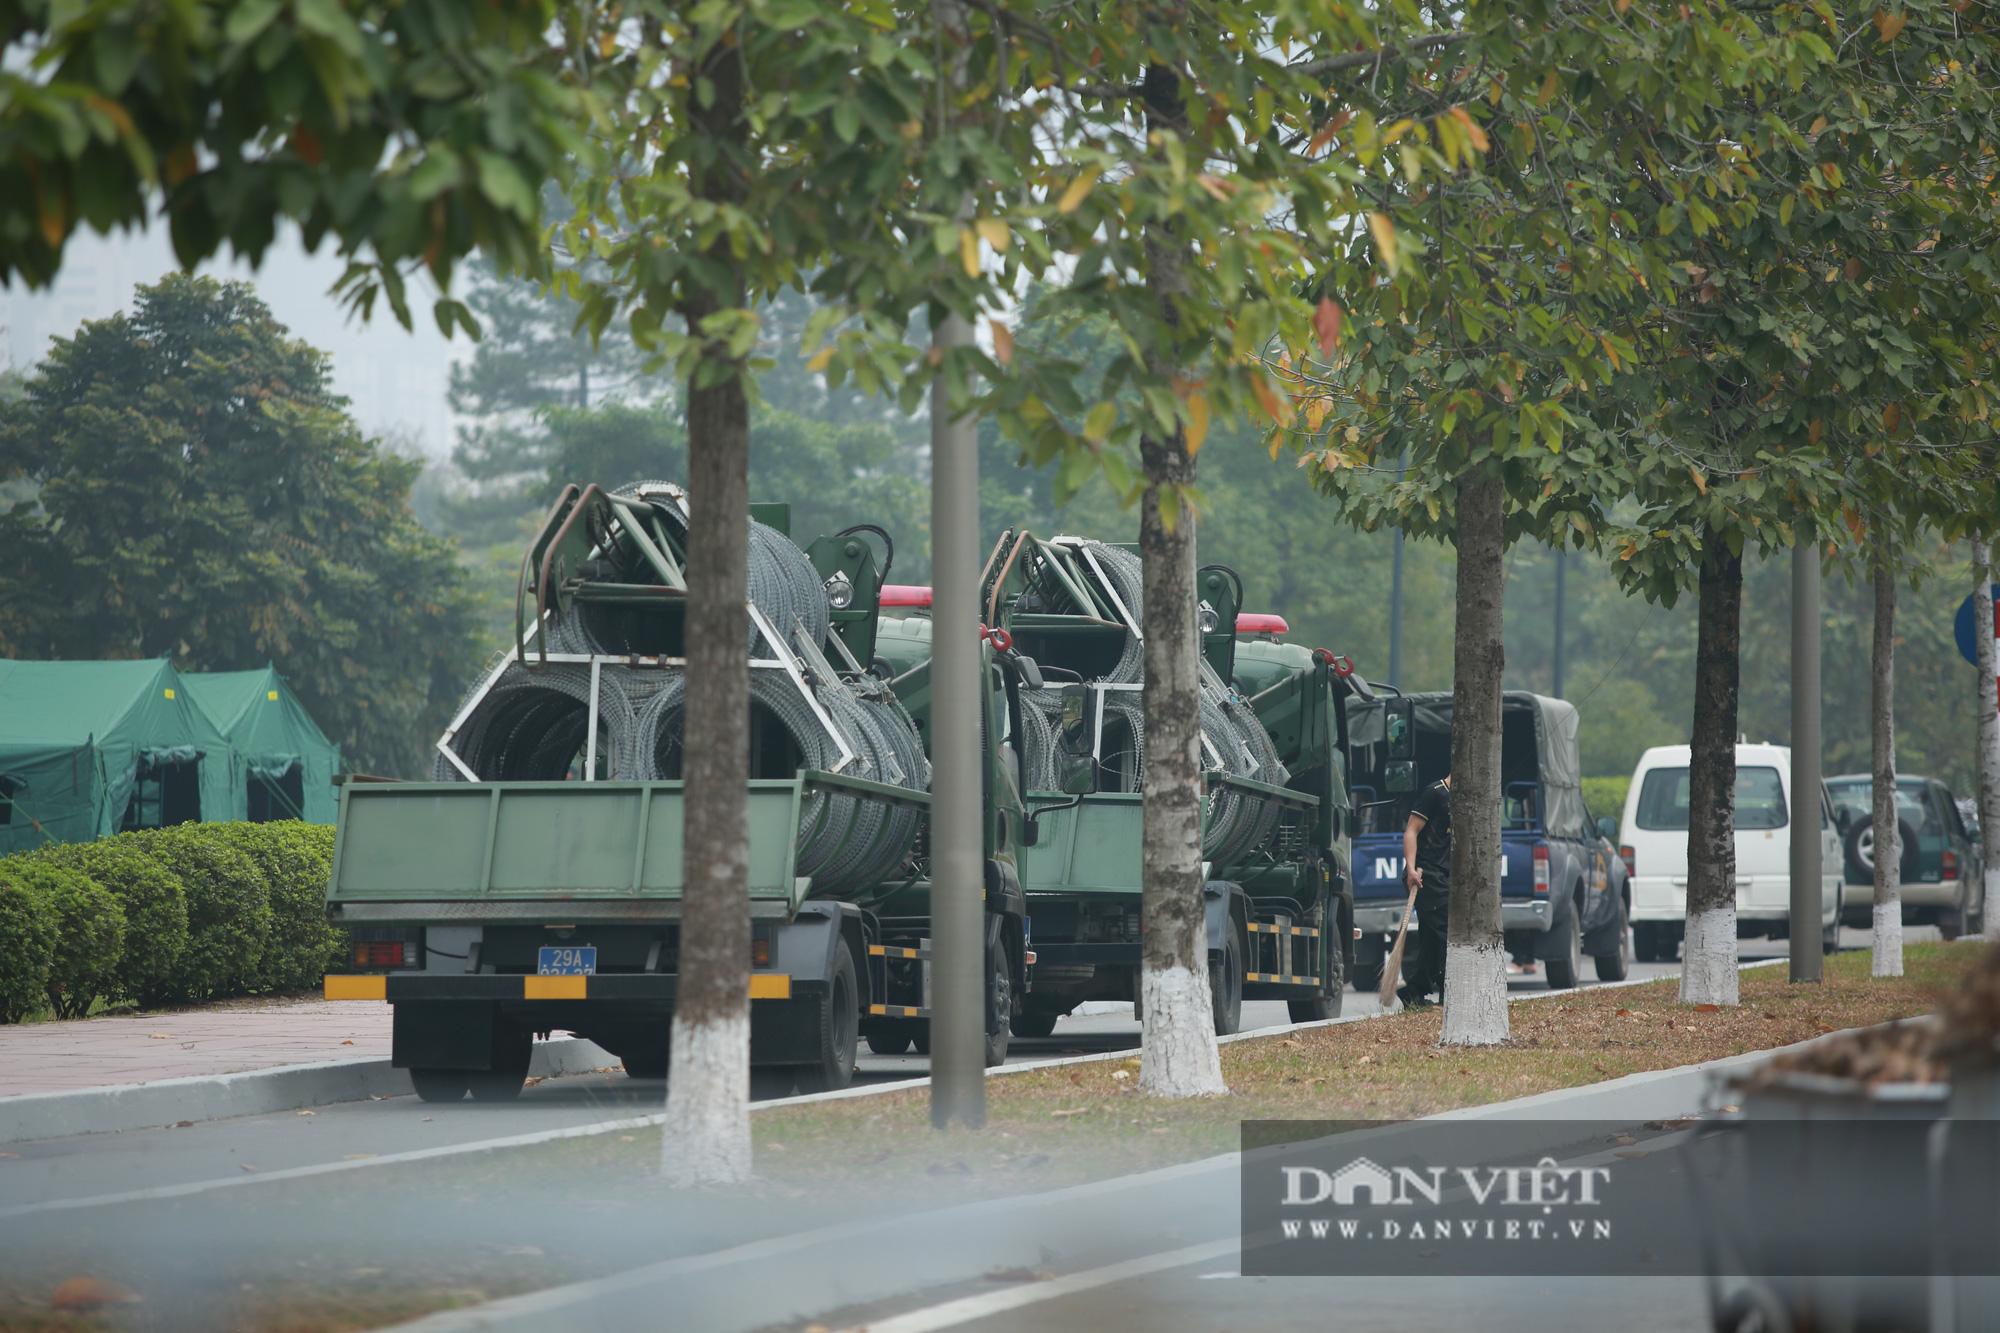 """Cận cảnh dàn xe """"khủng"""" làm nhiệm vụ bảo vệ đại hội Đảng trong Trung tâm Hội nghị Quốc gia - Ảnh 9."""